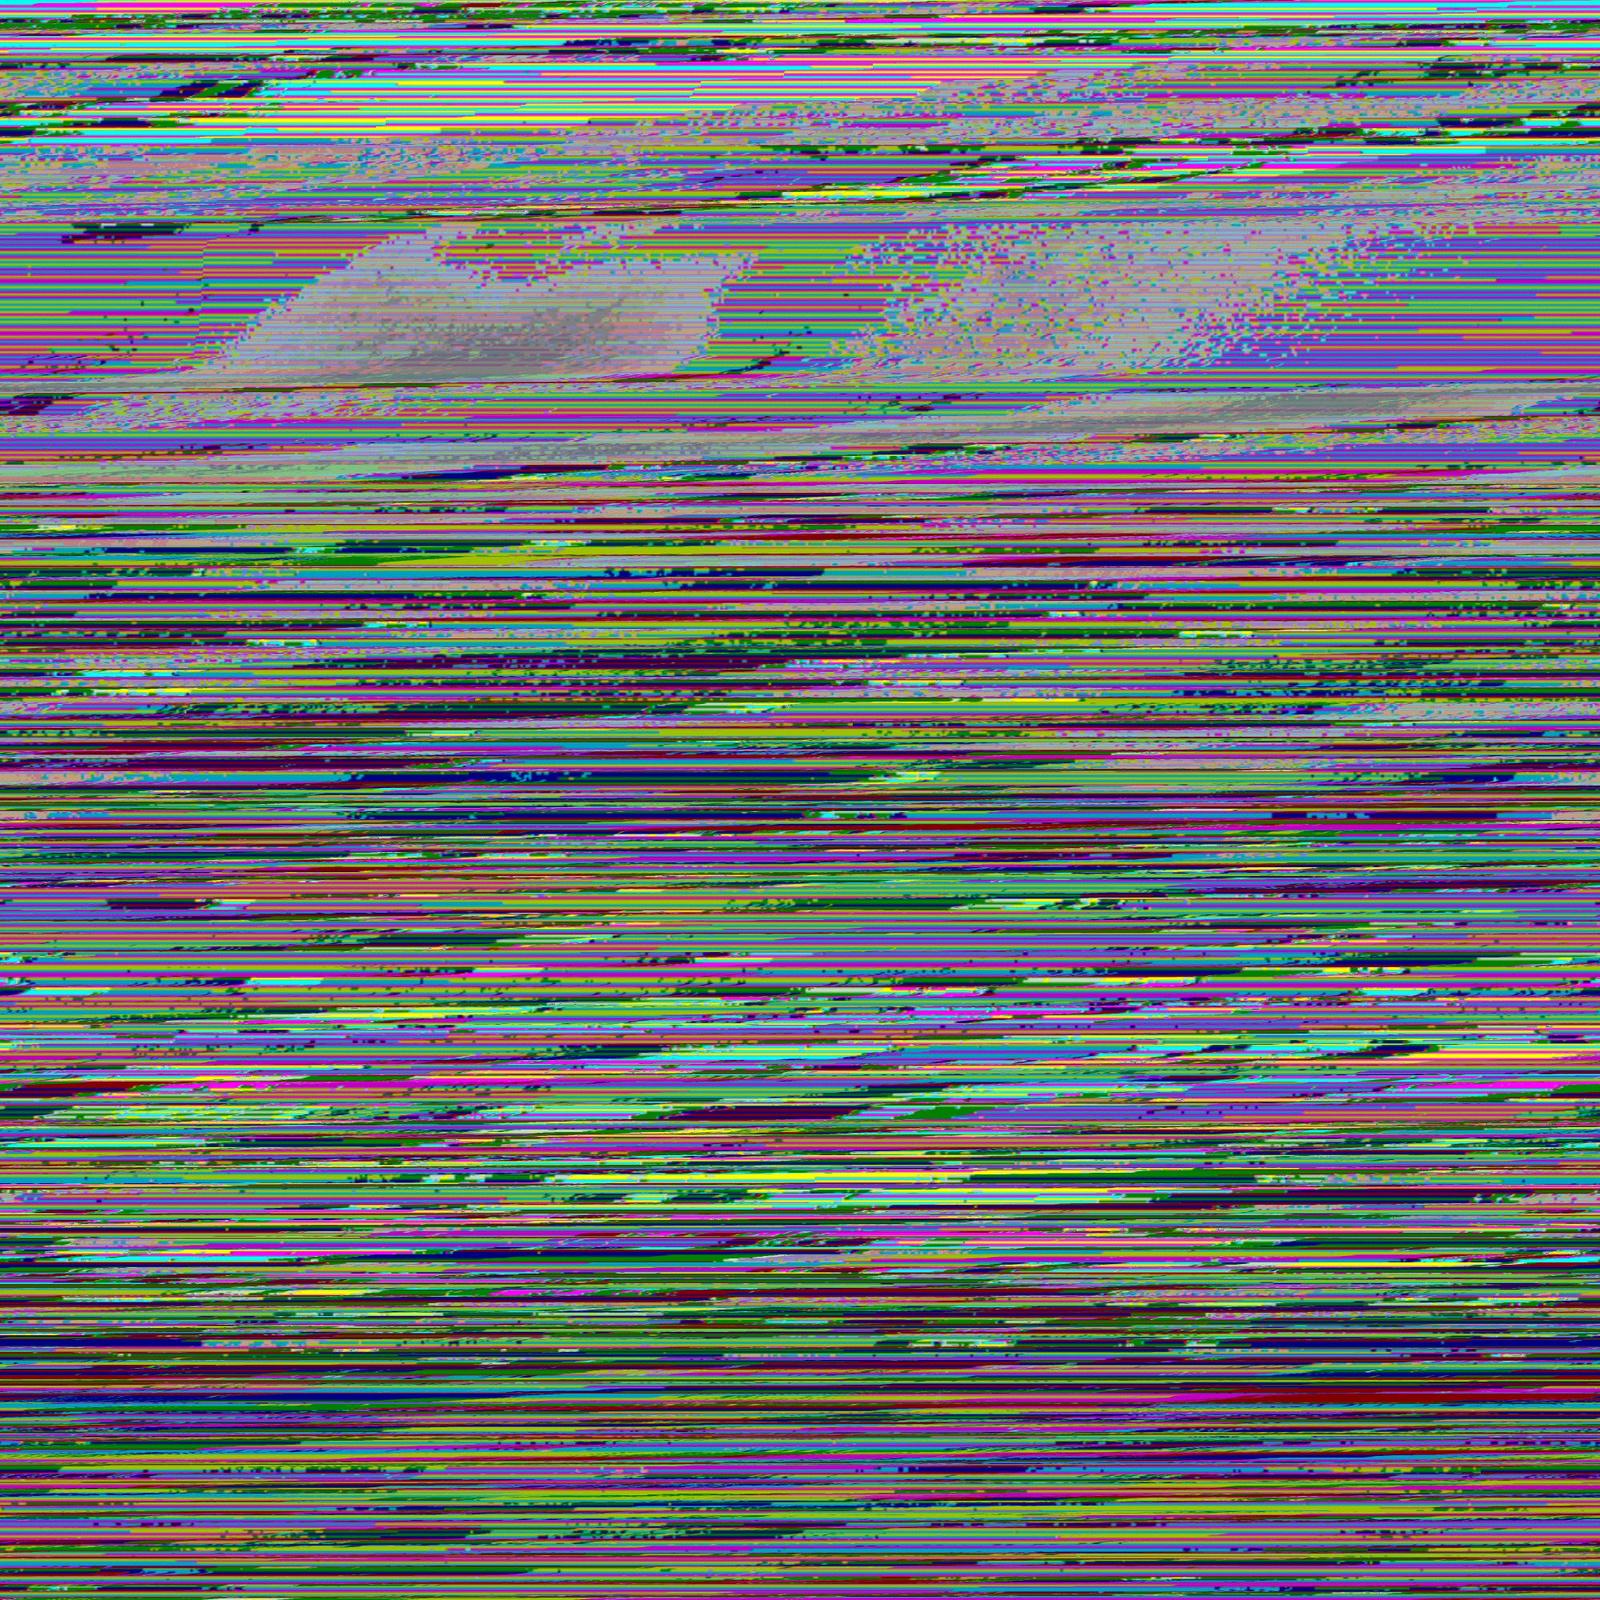 162653-11831037-2_jpg.jpg